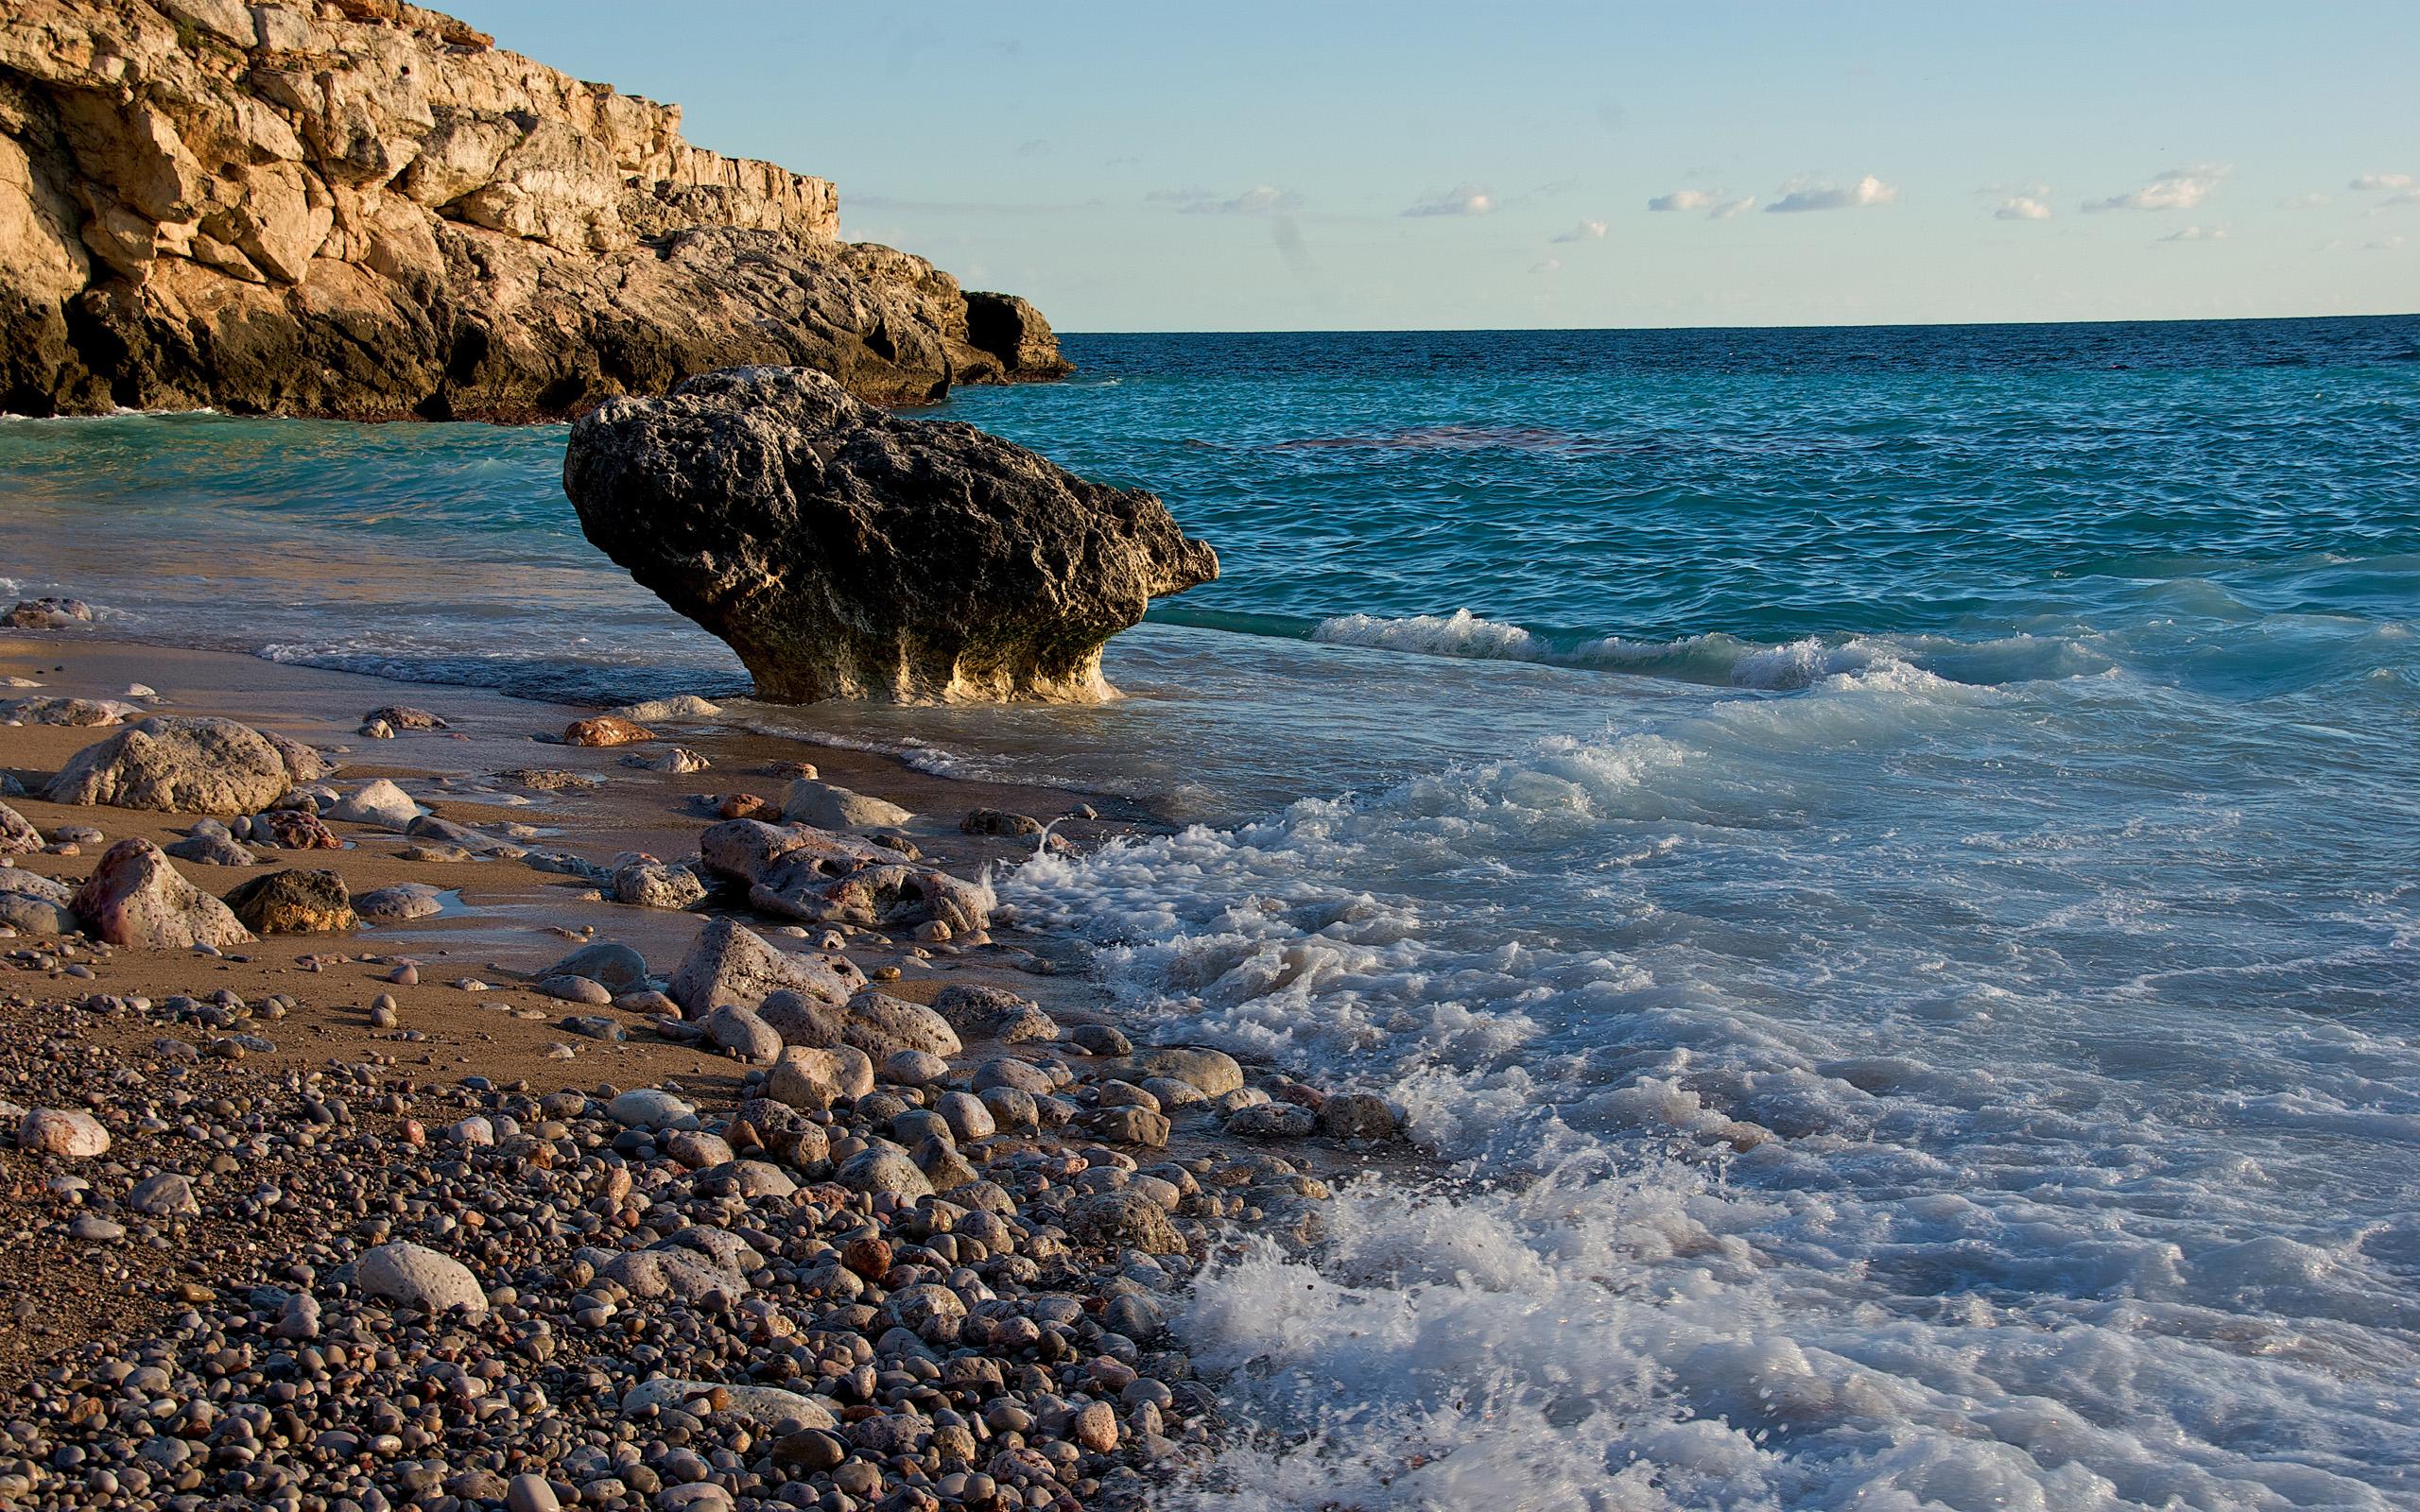 пляж берег камни море  № 1955859 загрузить